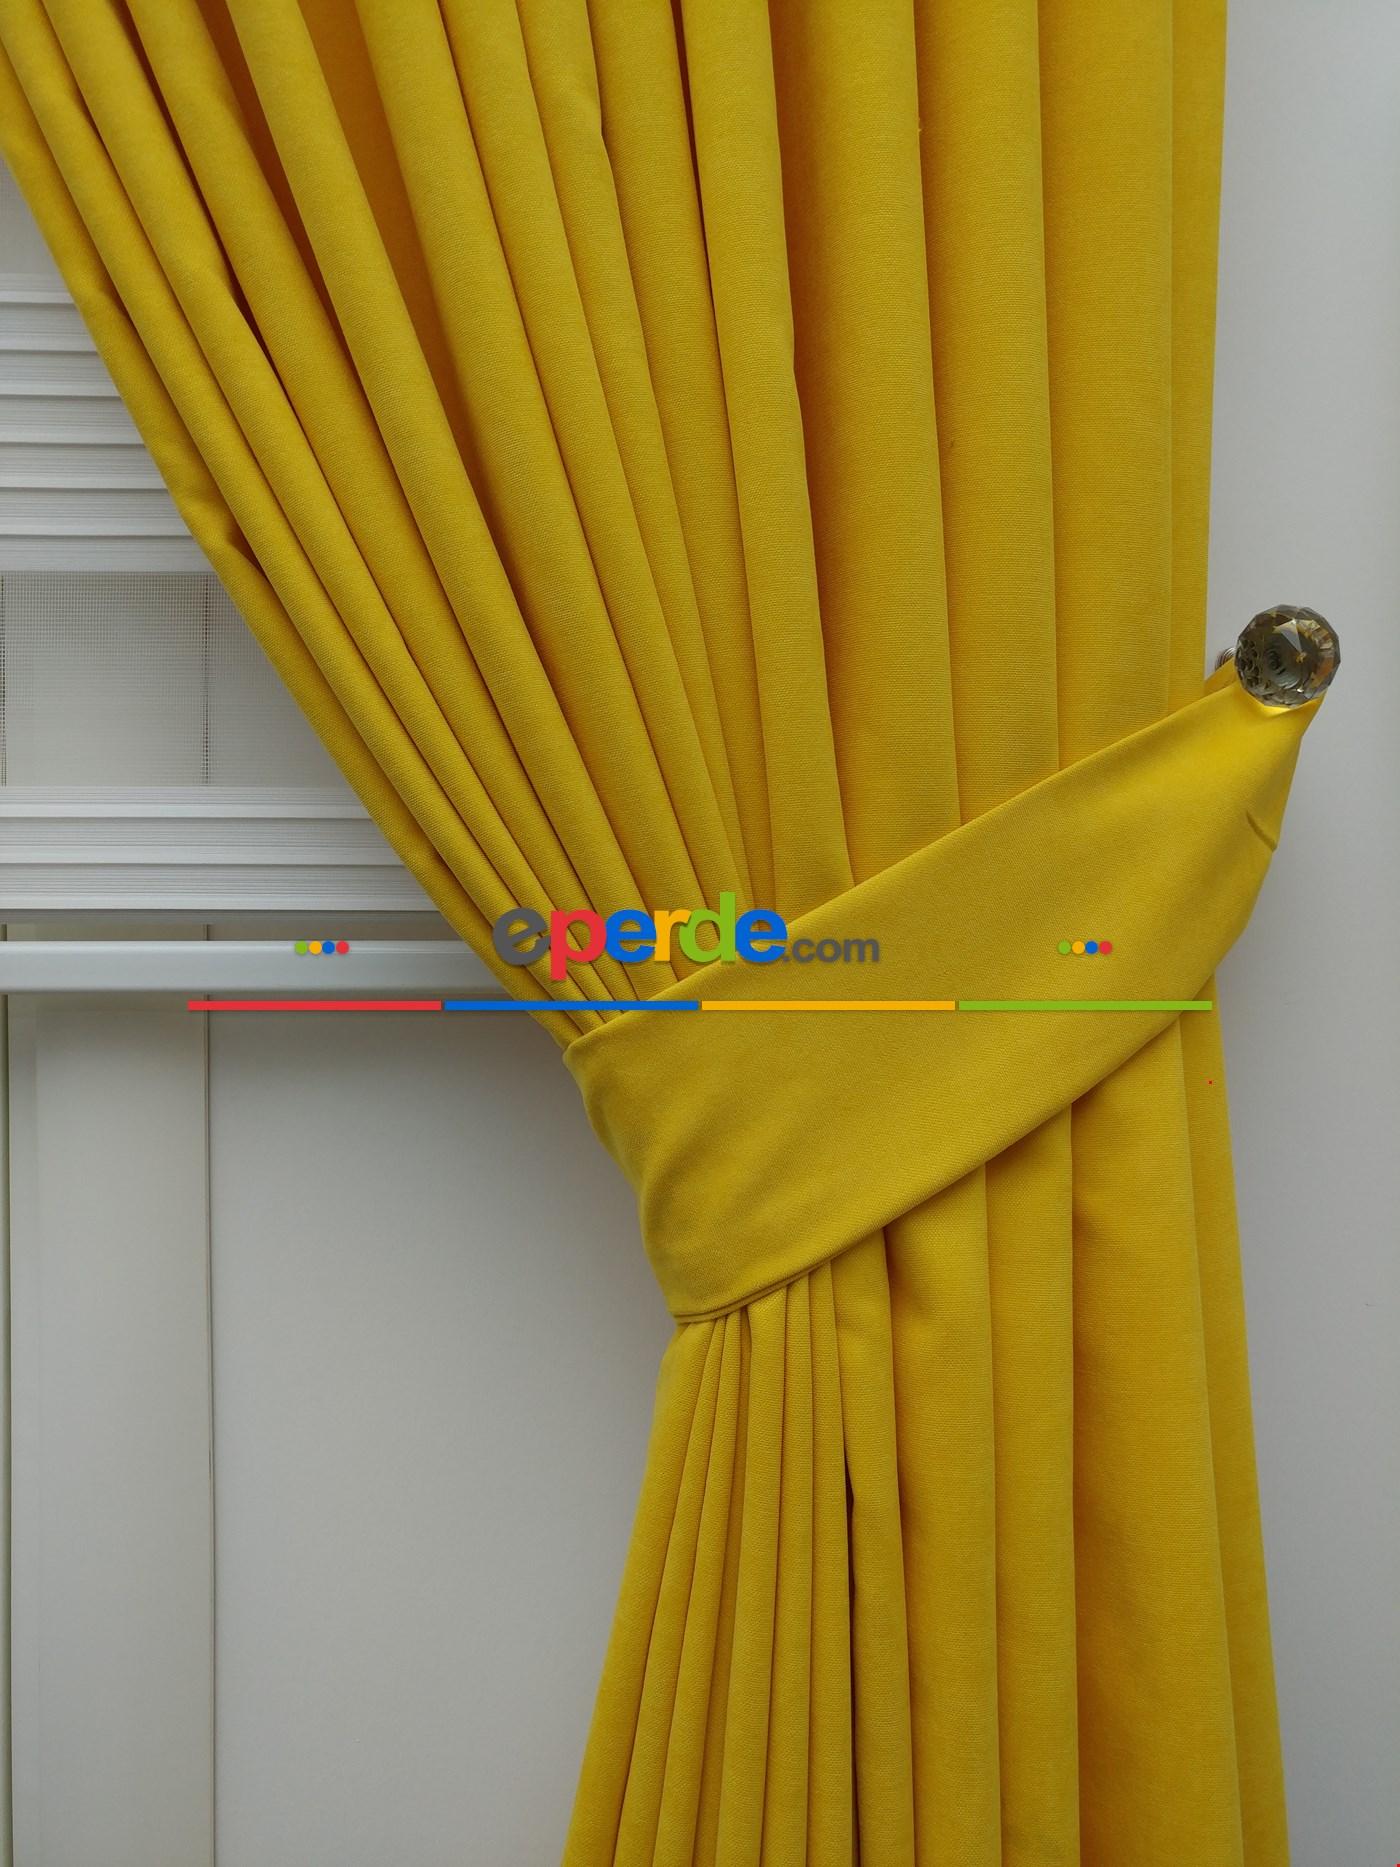 Pudra Pembe -gül Kurusu - Düz Fon Perde ( En 150cm Dökümlü Fon Perde) Sarı